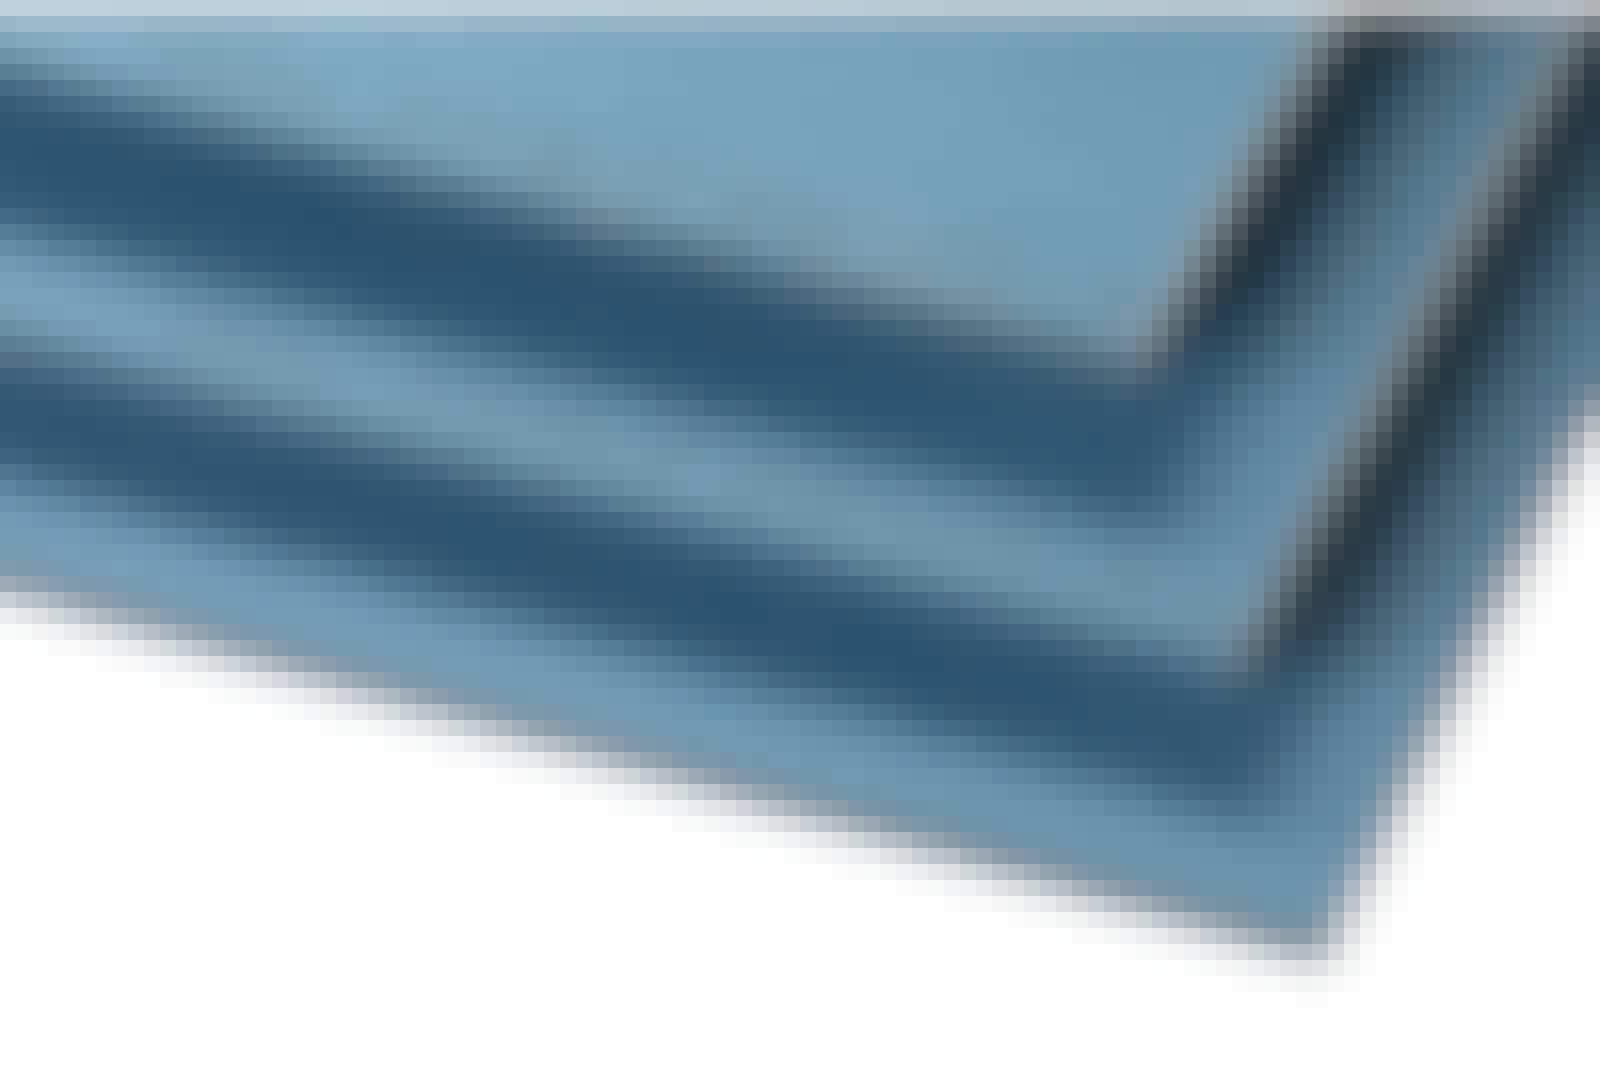 Gipsskivor för våtrum är uppbyggda som vanliga gipsskivor. Men de är glasfiberarmerade och pappen är impregnerat med silikon, så att det tål fukt och tyngden av eventuellt kakel.